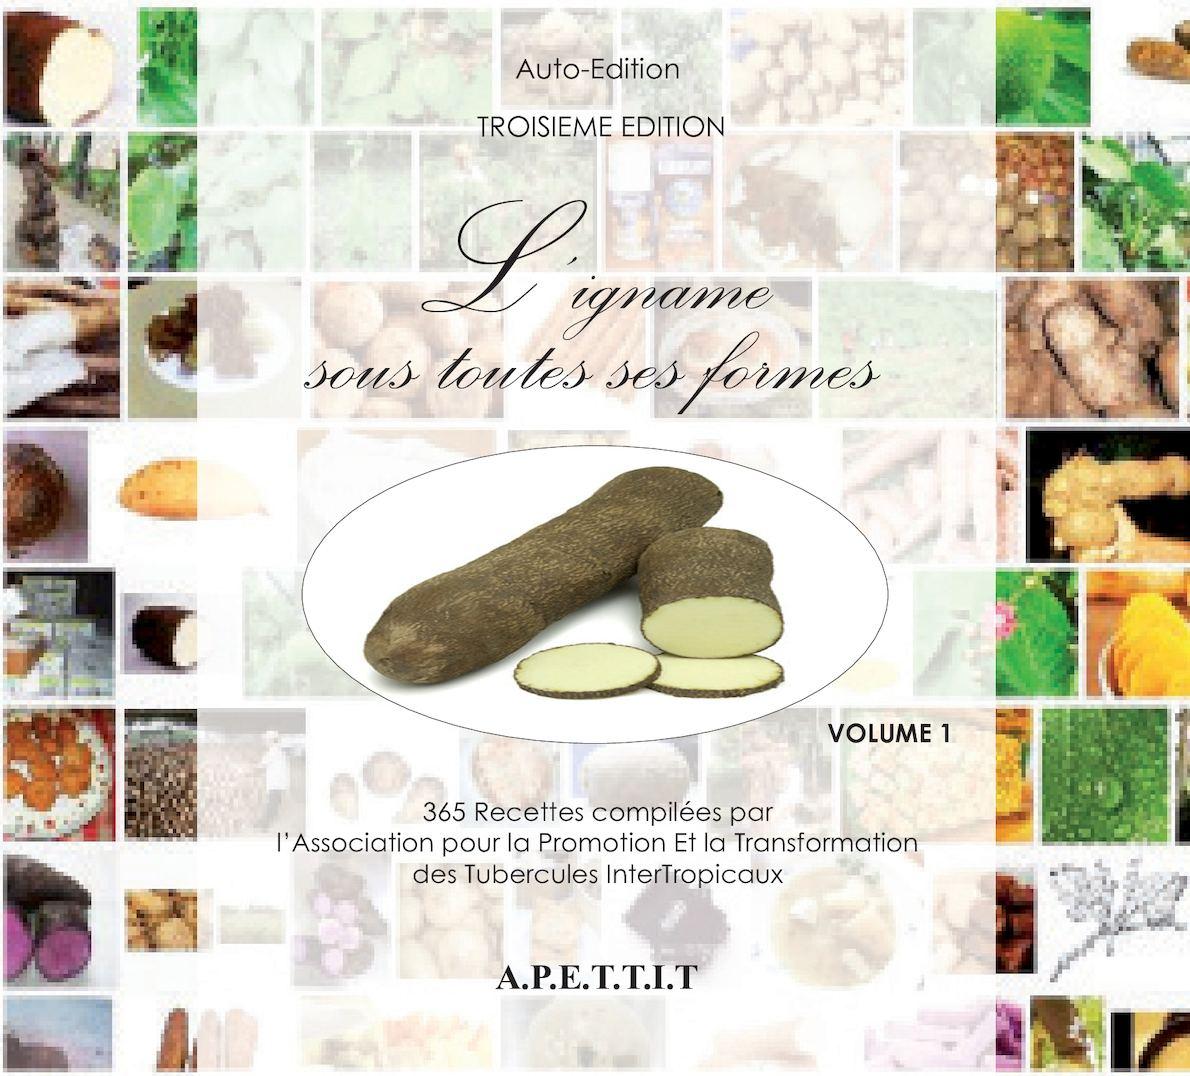 Rondelle D Oignon Sous Le Pied calaméo - igname - 1er guide culinaire mondial - extrait